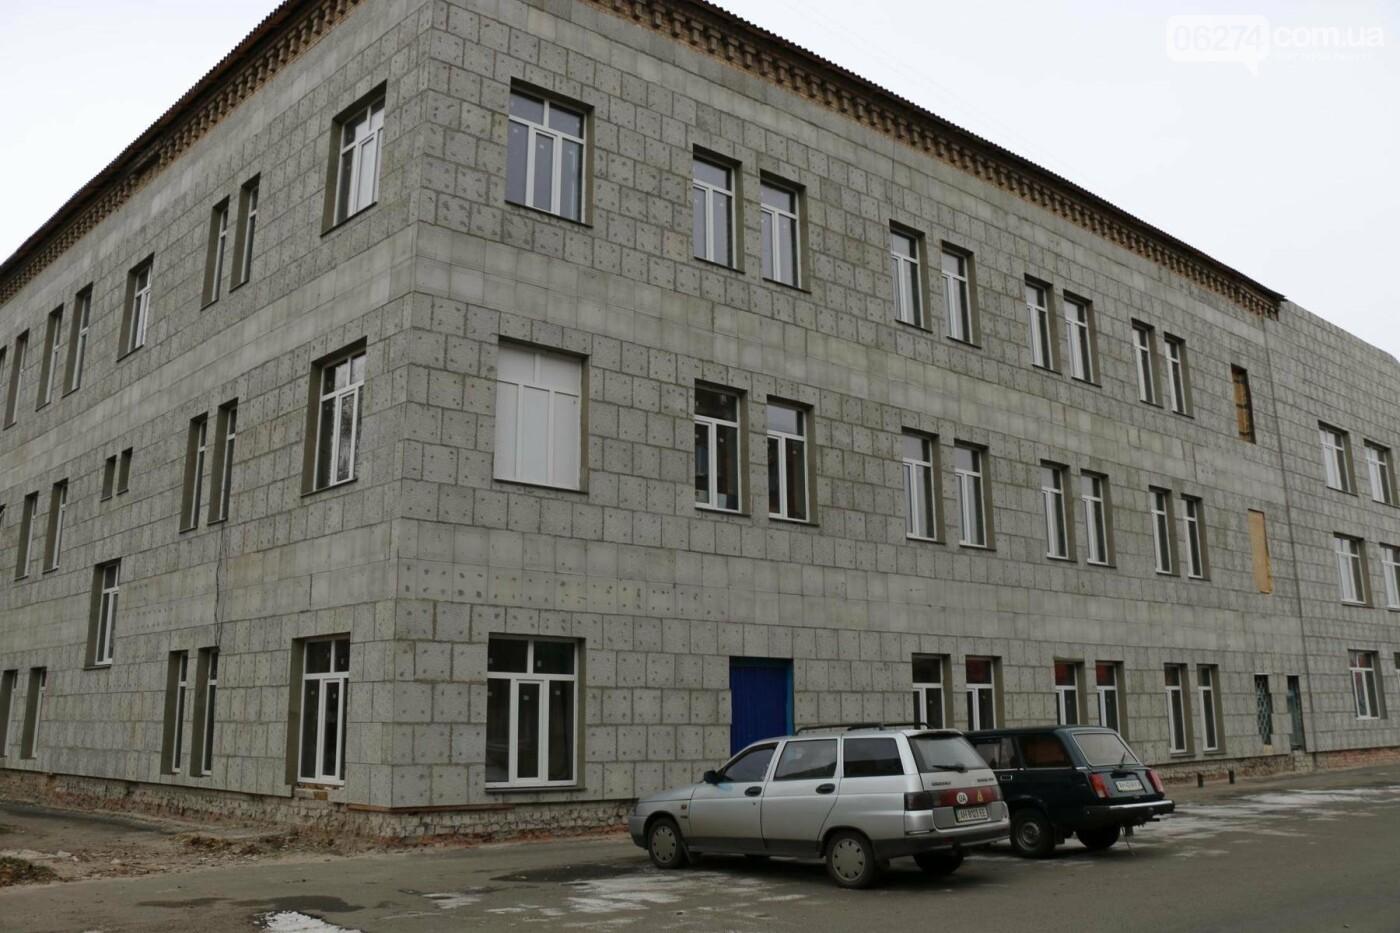 Глава области проинспектировал ход выполнения строительных работ в Бахмутском колледже искусств, фото-11